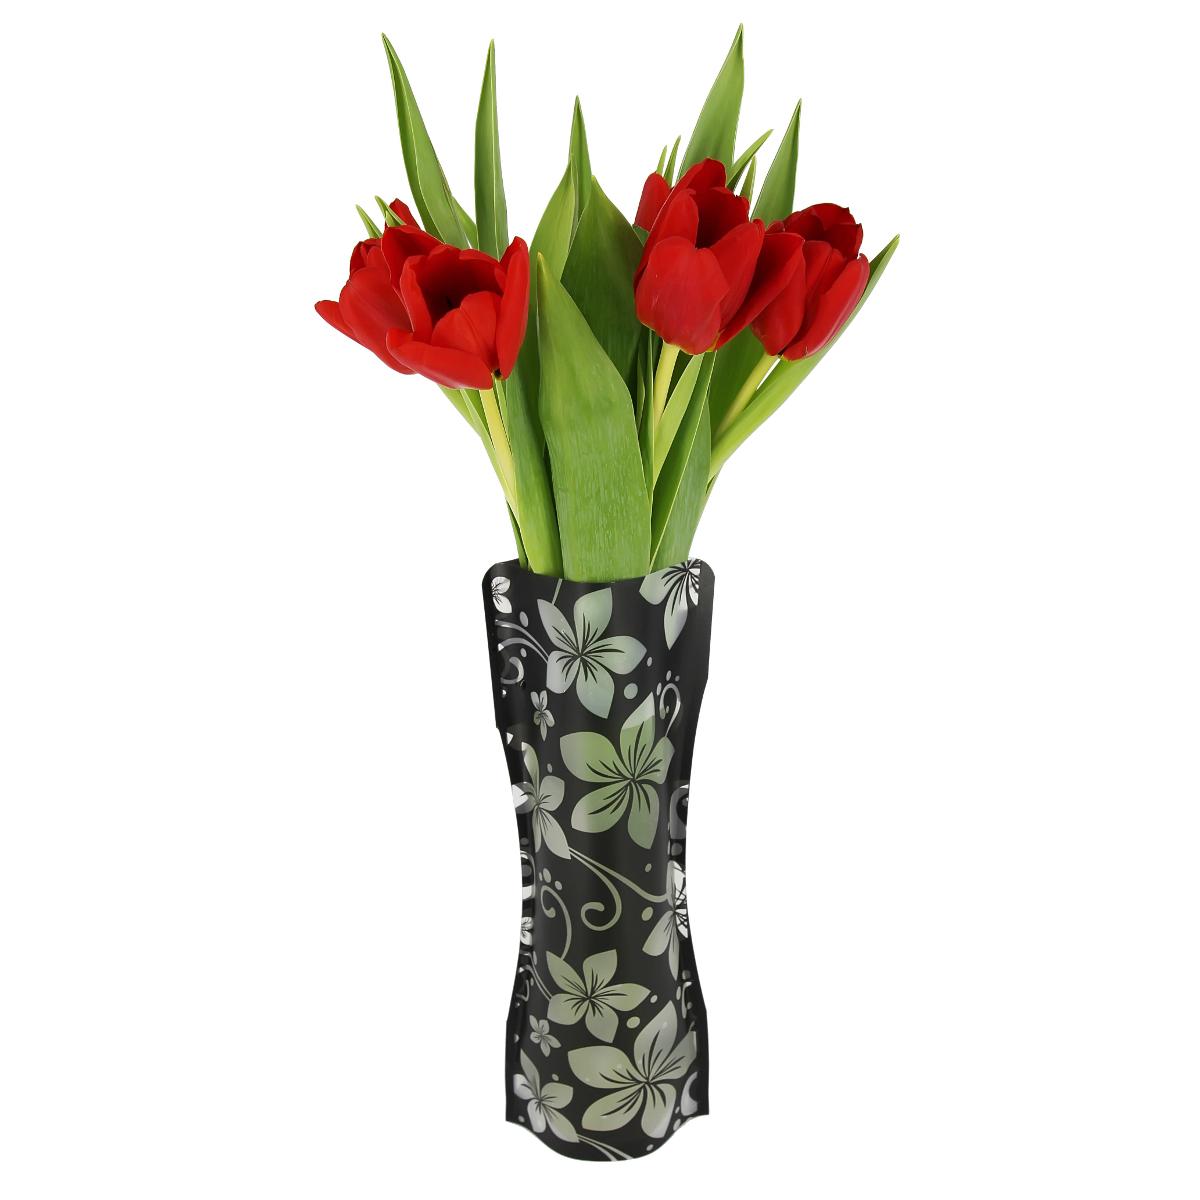 Ваза МастерПроф Черная орхидея, пластичная, 1 л ваза мастерпроф летний узор пластичная 1 л